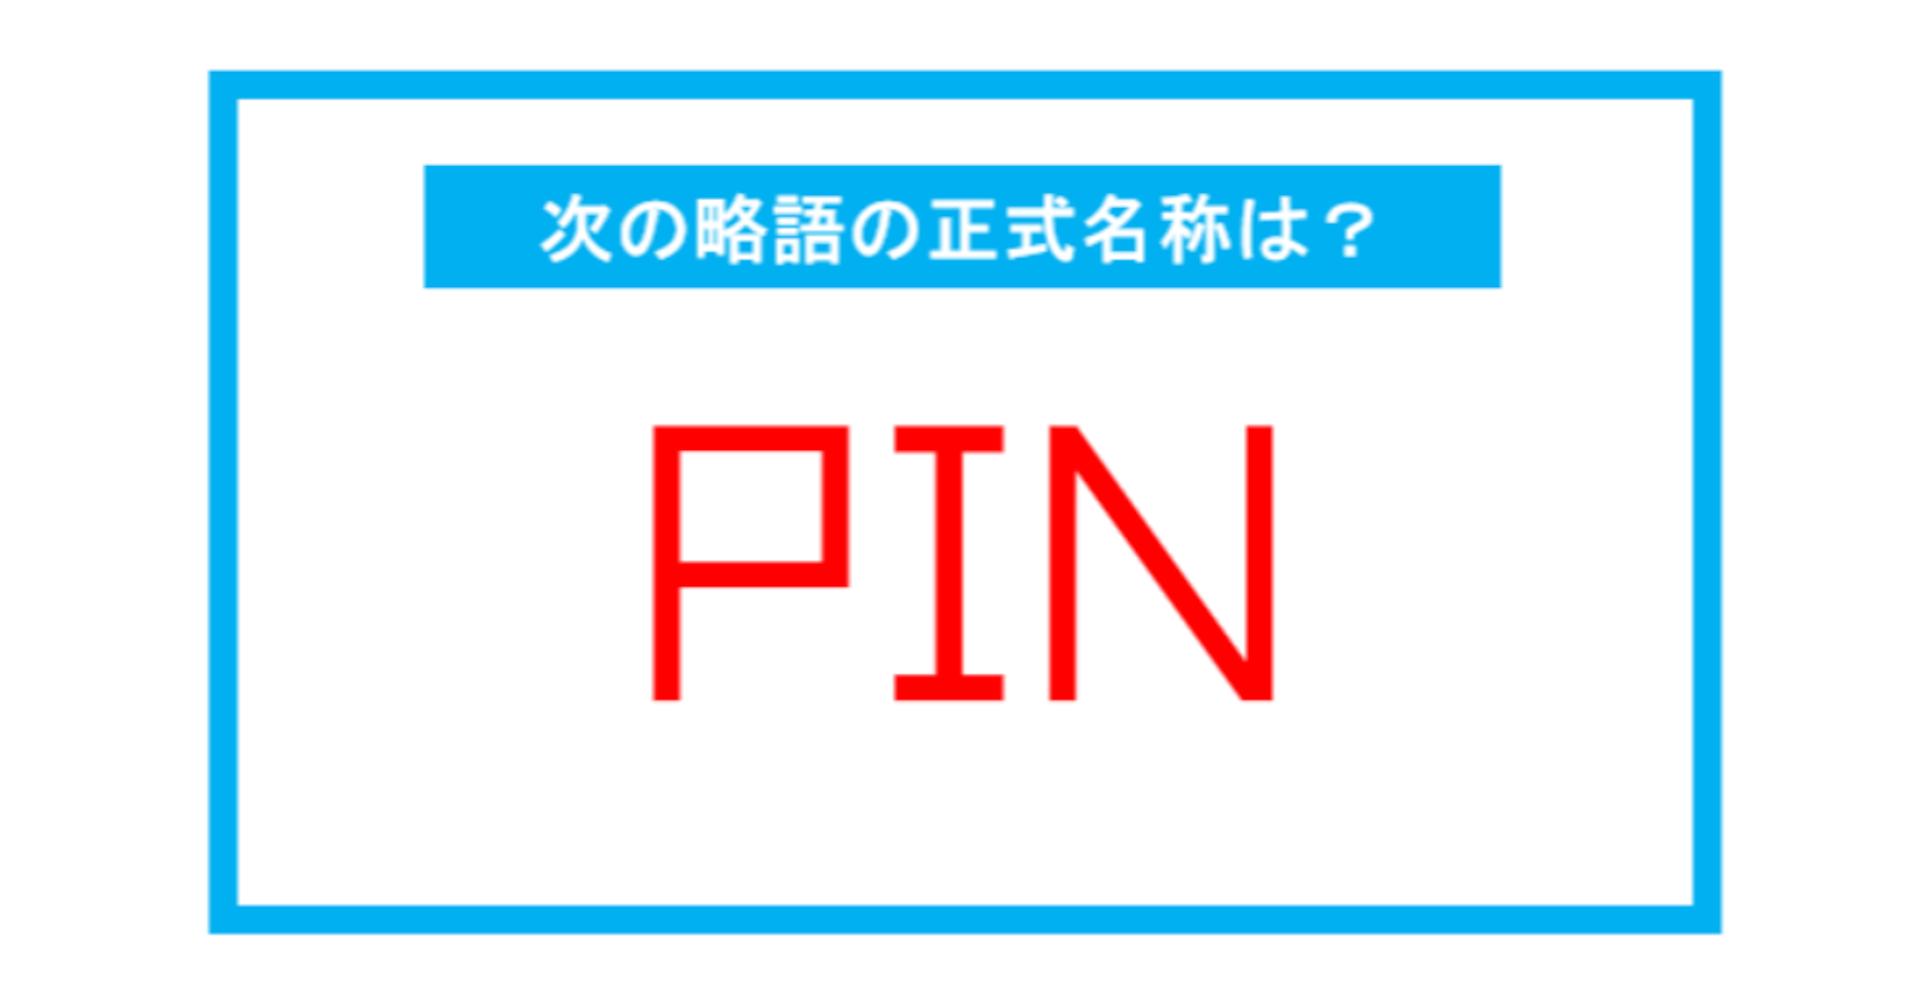 【実は略語だった身近な言葉】「PIN」←この略語、正式名称は?(第233問)